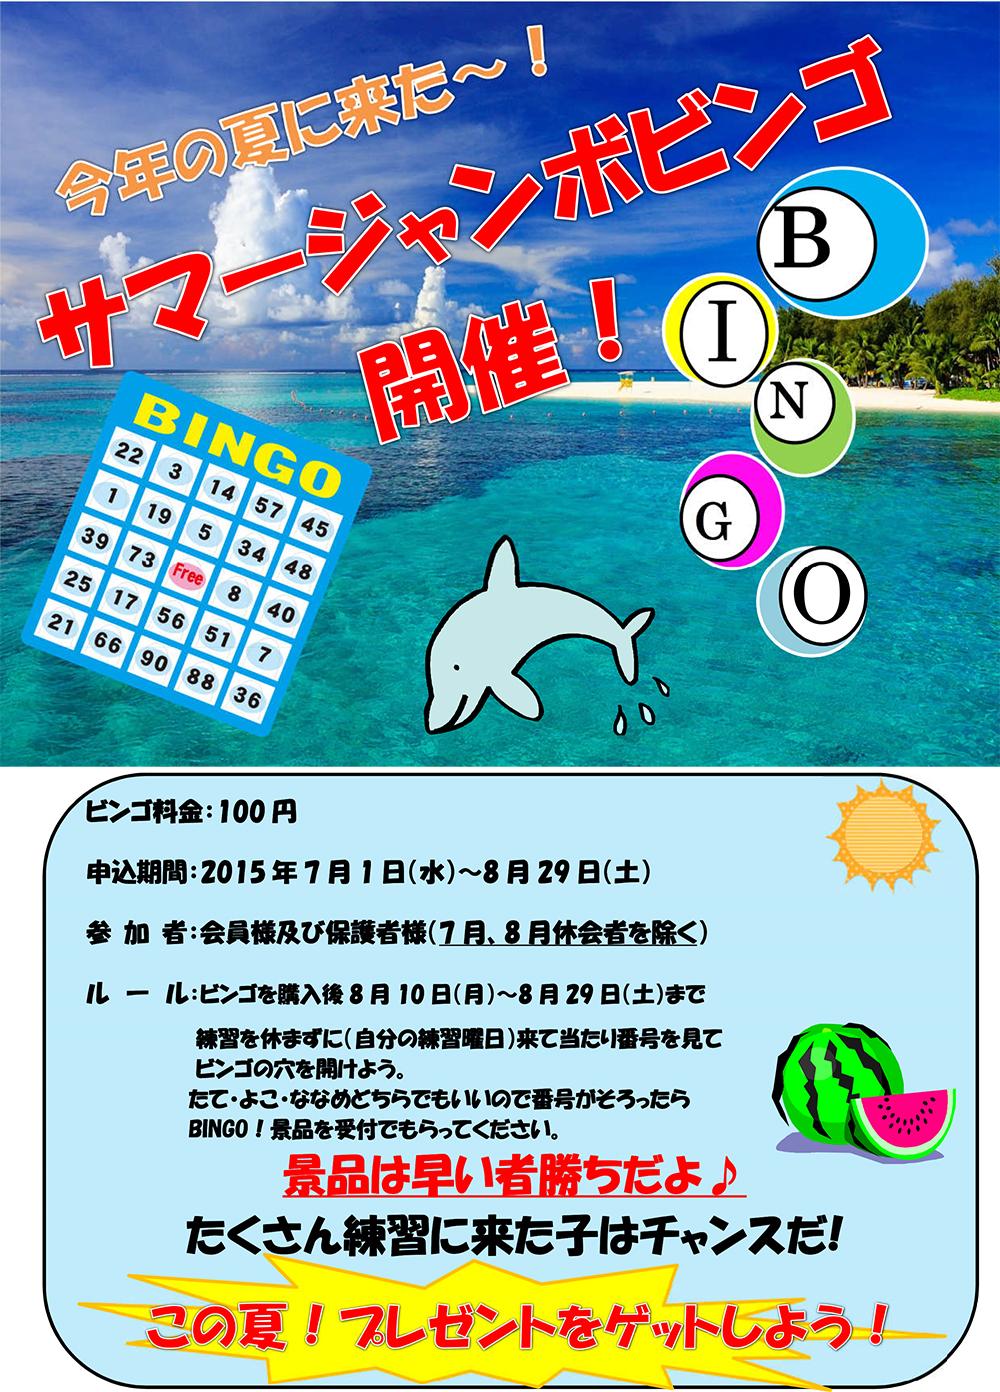 『サマージャンボビンゴ』<申込期間>2015年7月1日(水)~8月29日(土)(募集は終了いたしました)